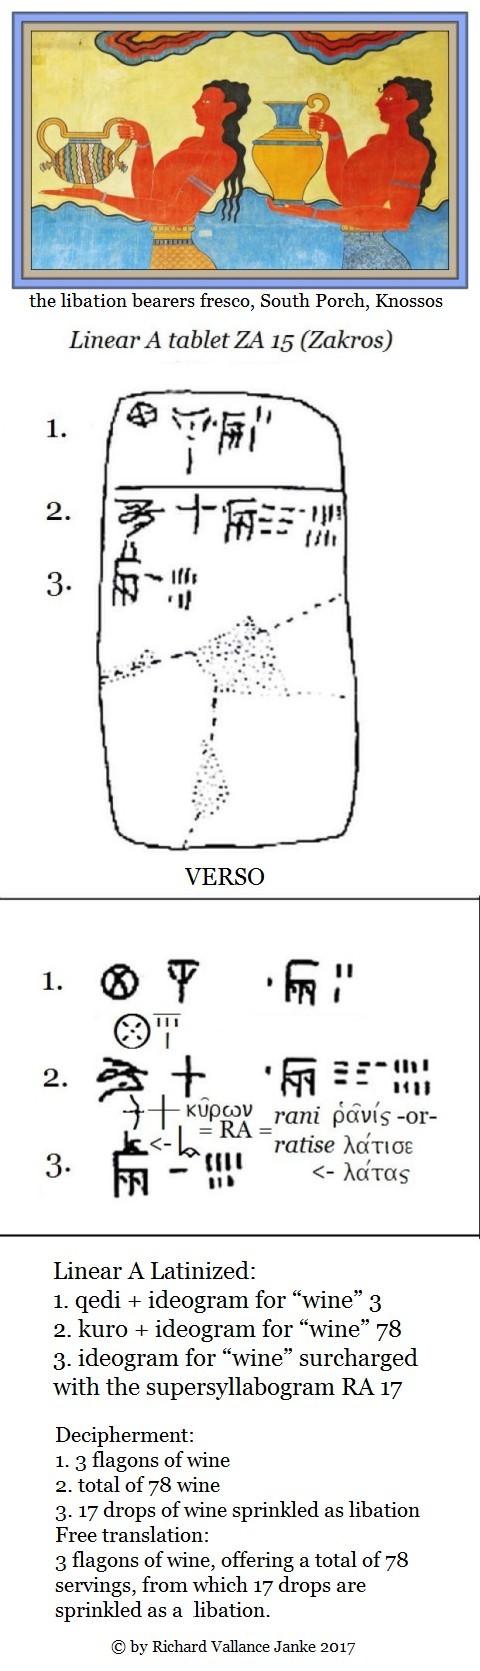 Linear A tablet ZA 15 b VERSO Zakros